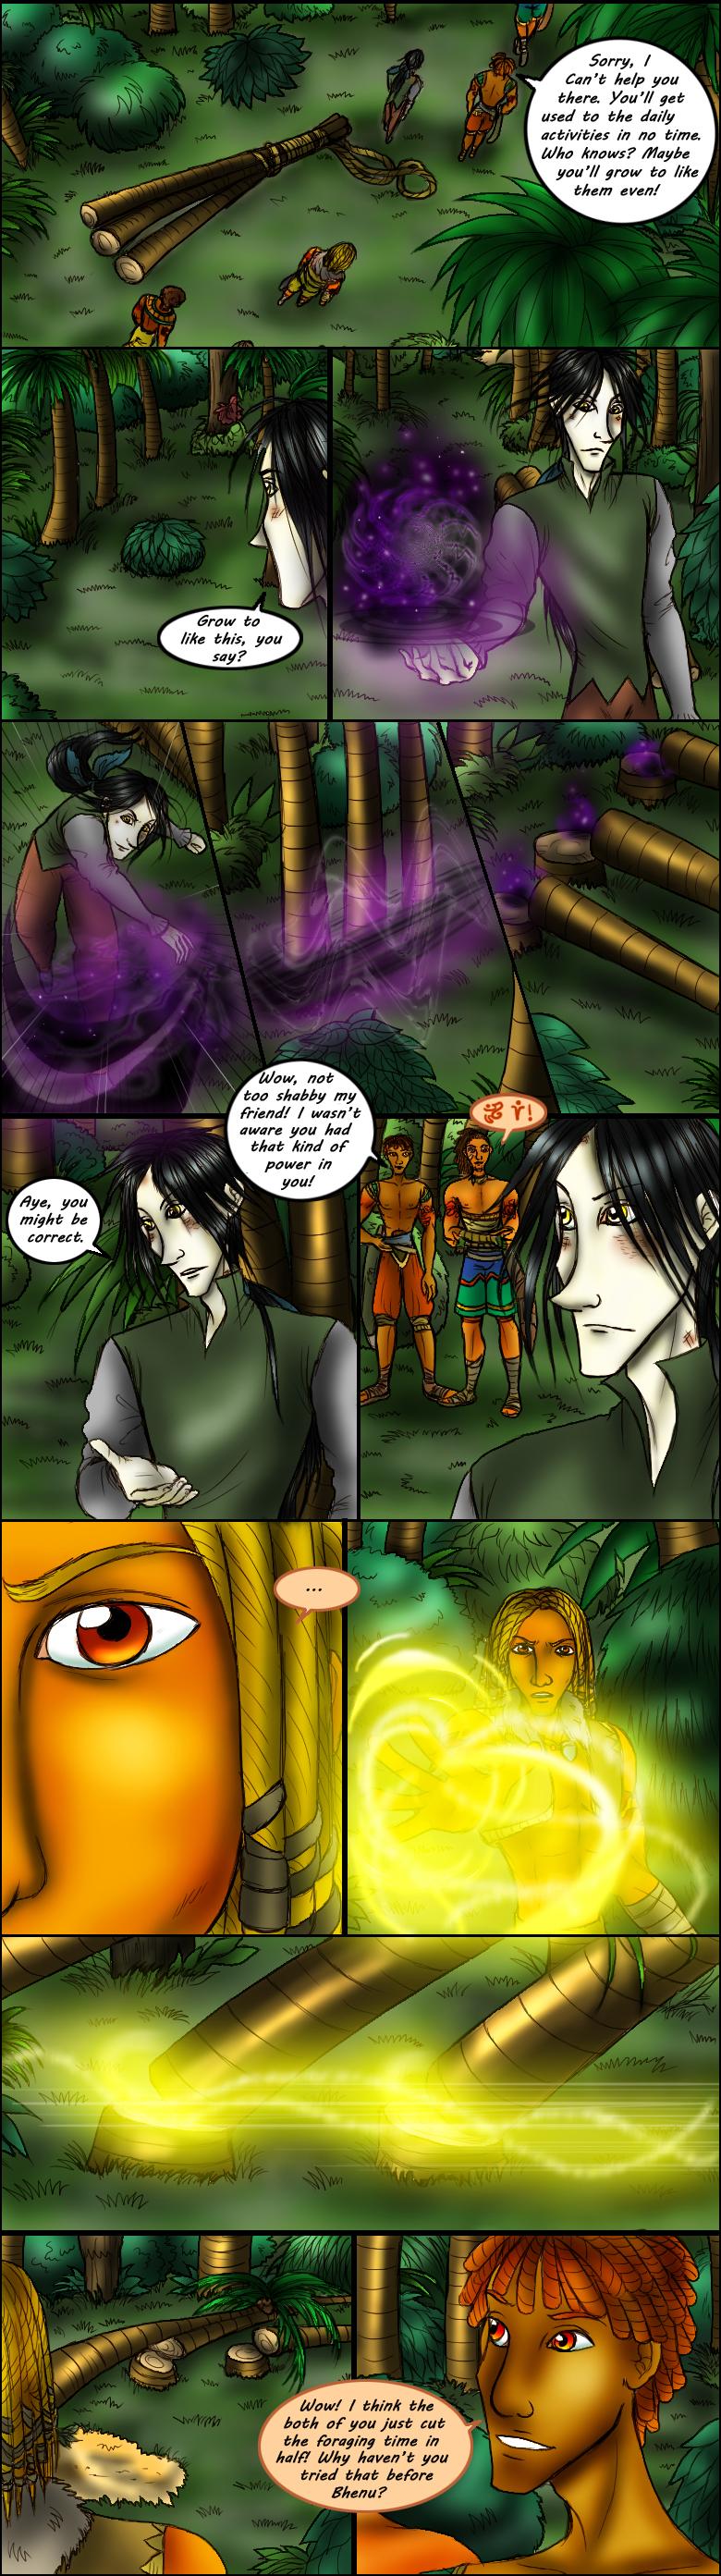 Page 57 – Boredom